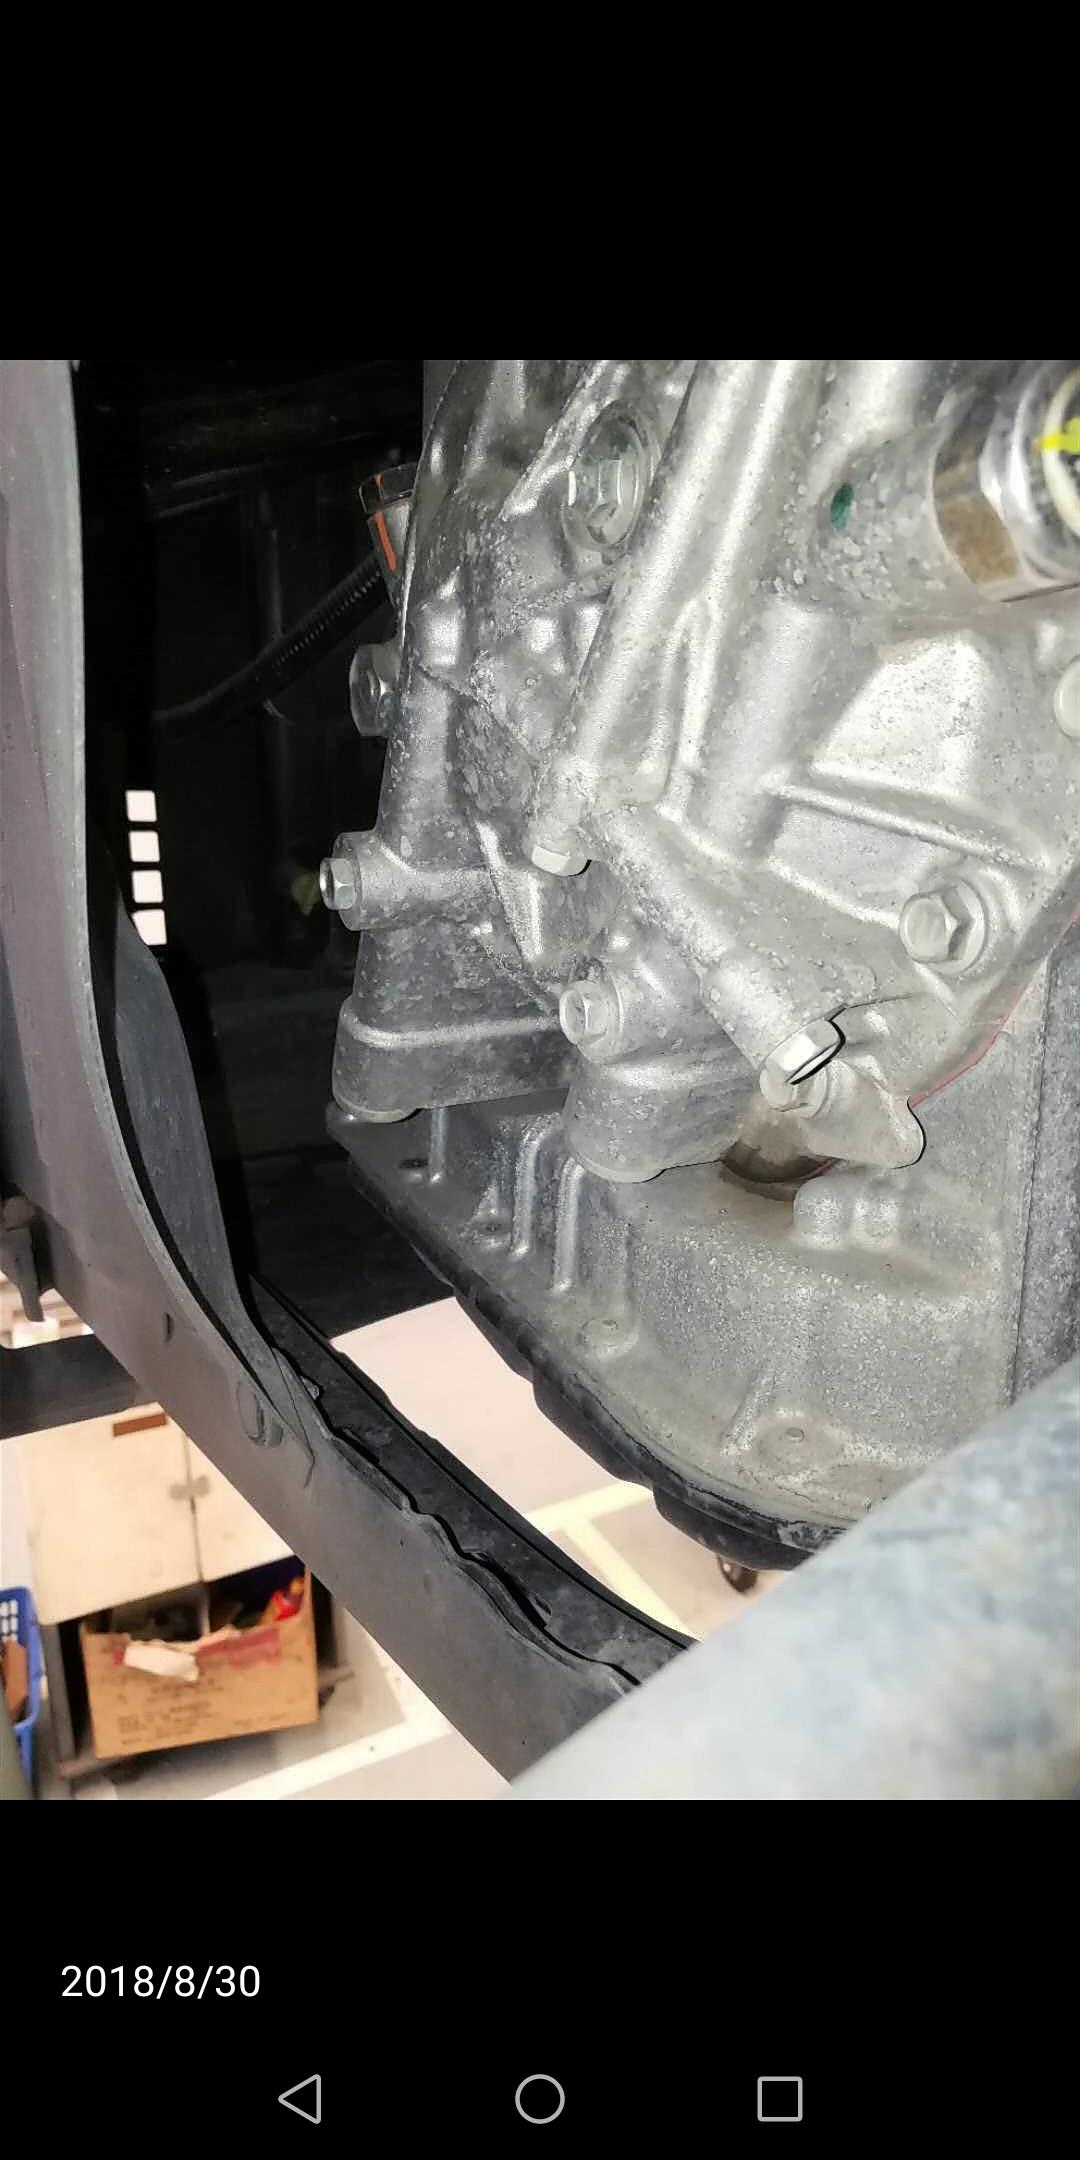 丰田-卡罗拉 变速箱漏油,要求更换变速箱